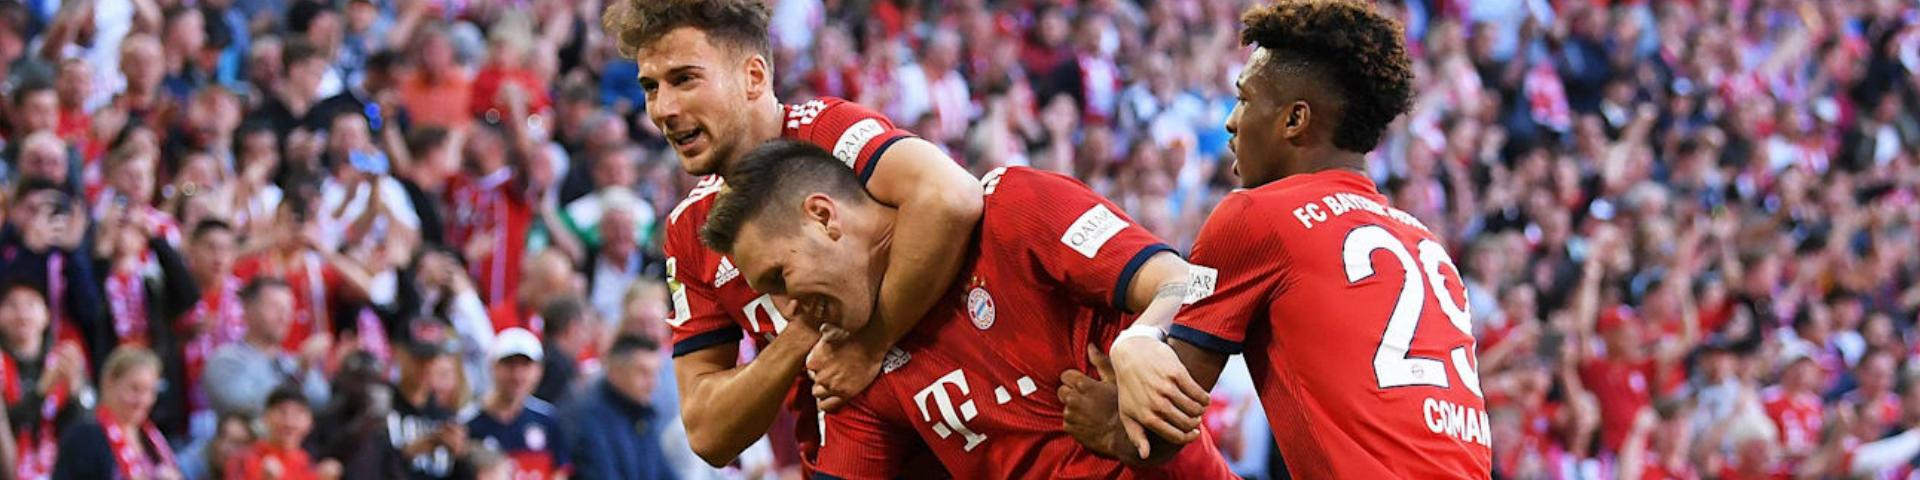 БК «1хСтавка»: «Бавария» — чемпион Германии